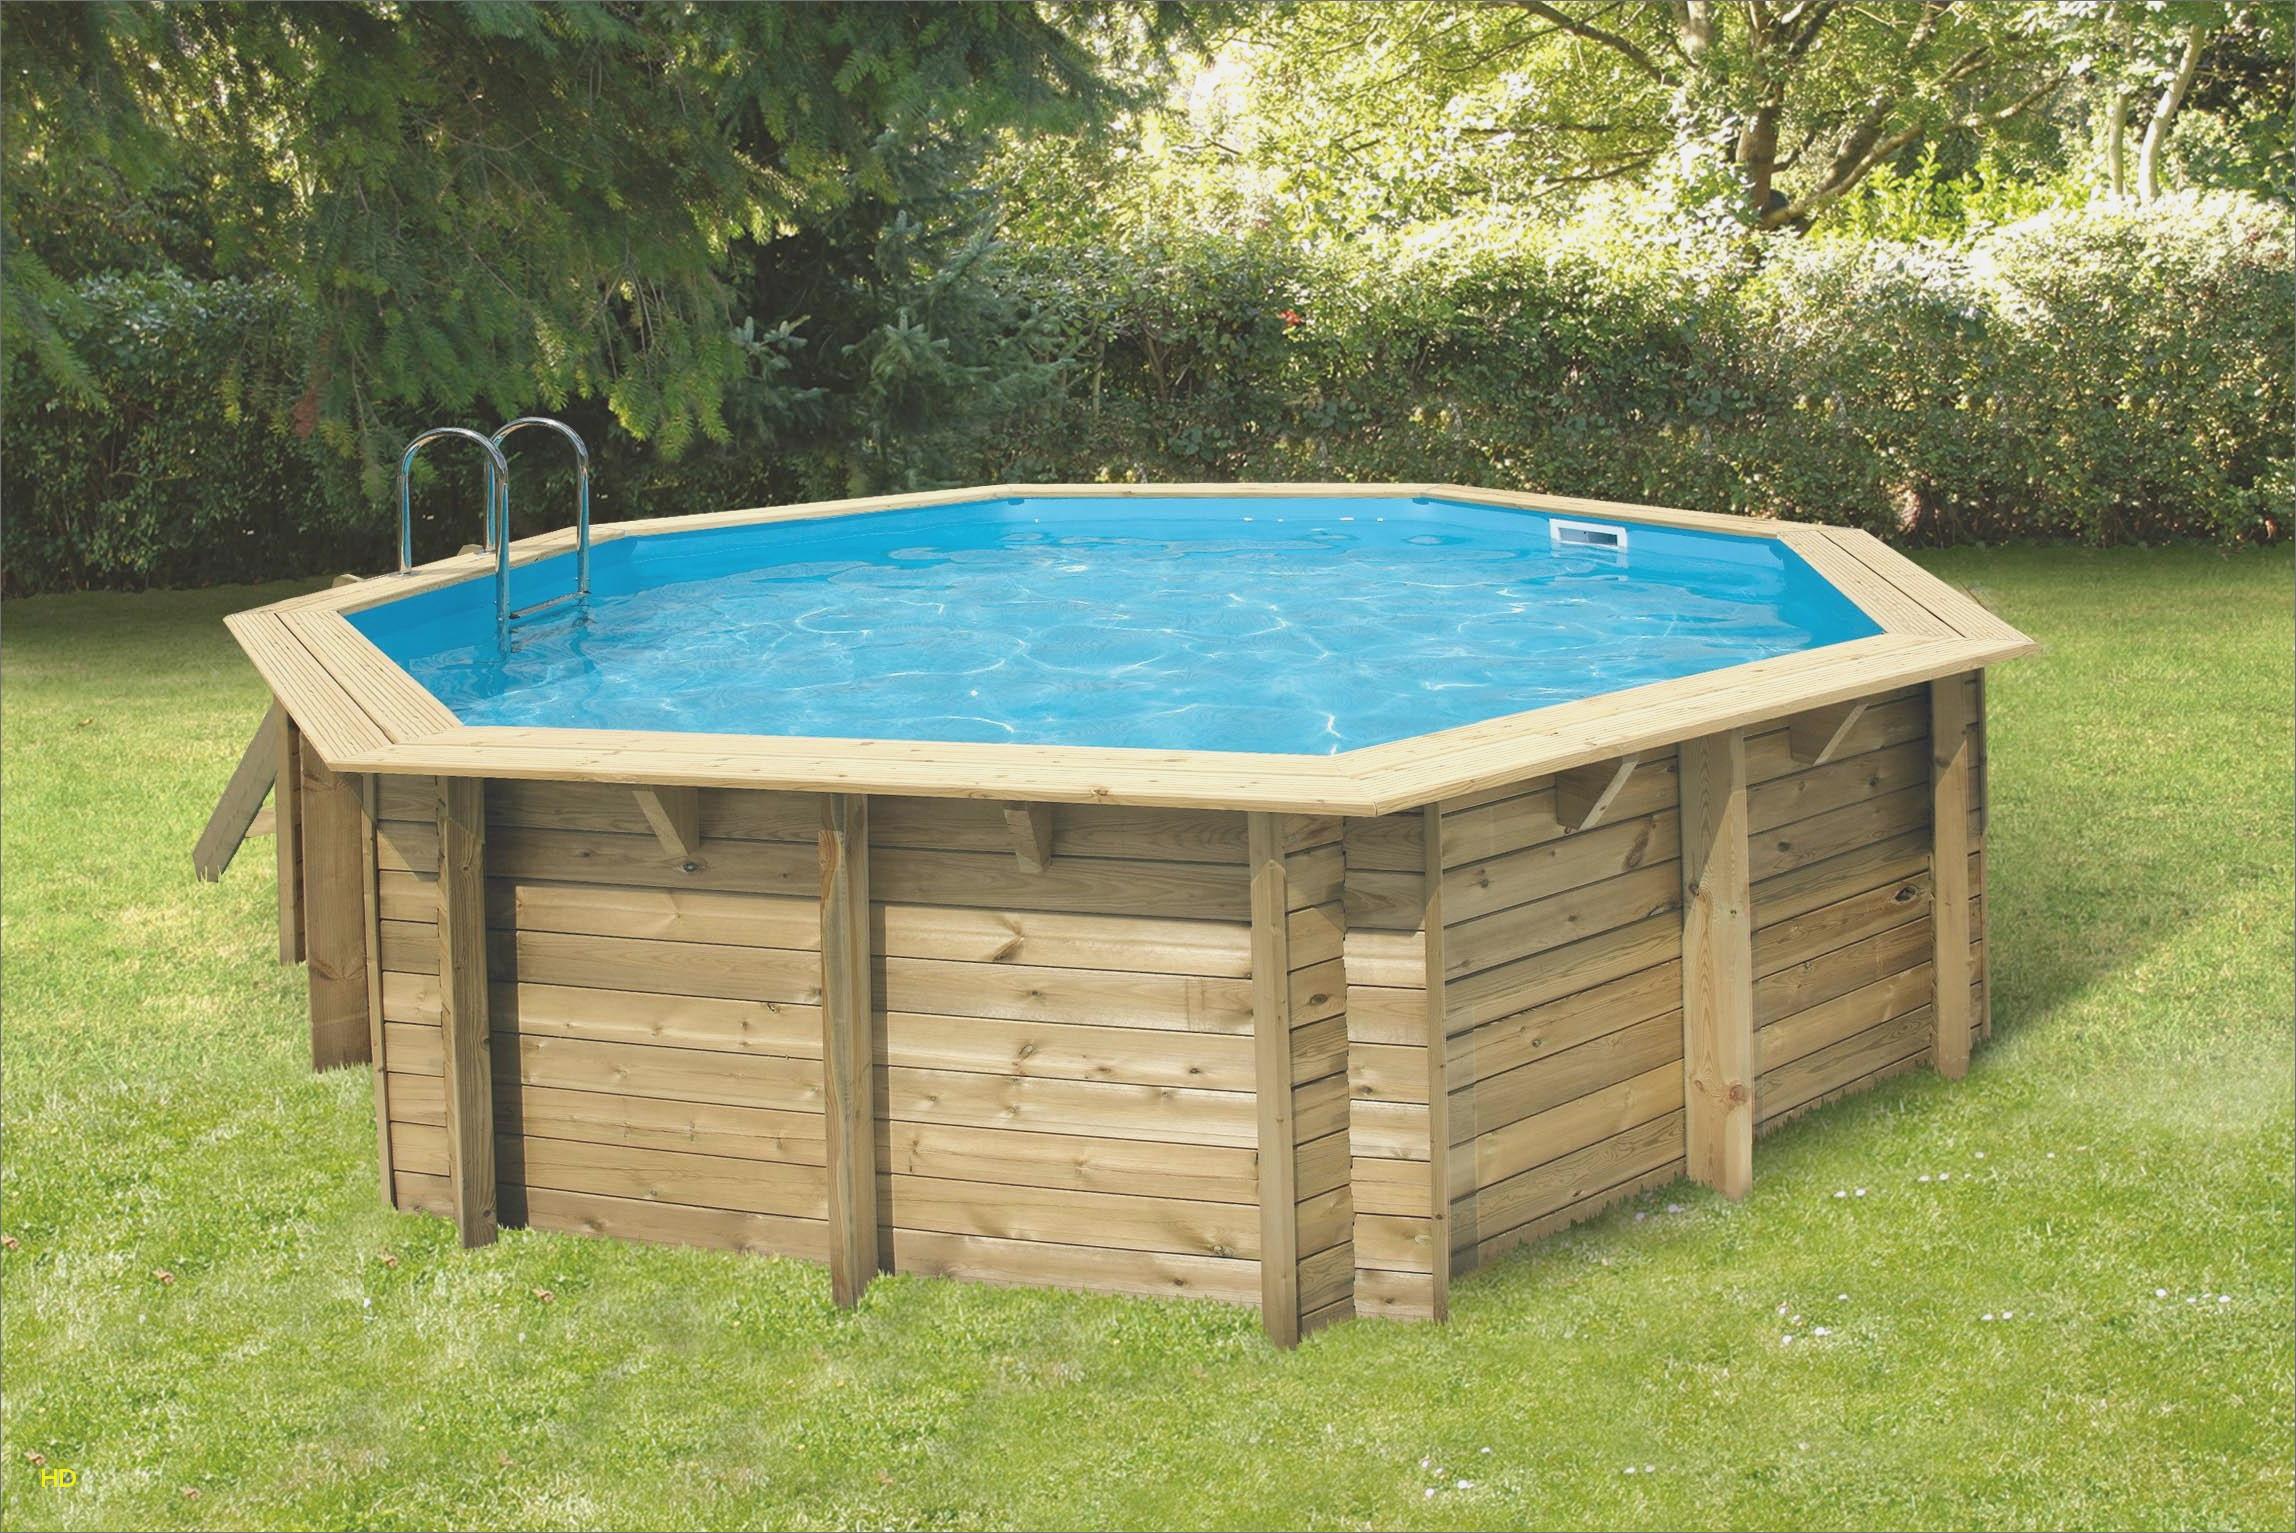 castorama piscine hors sol amazing  cosmeticuprise